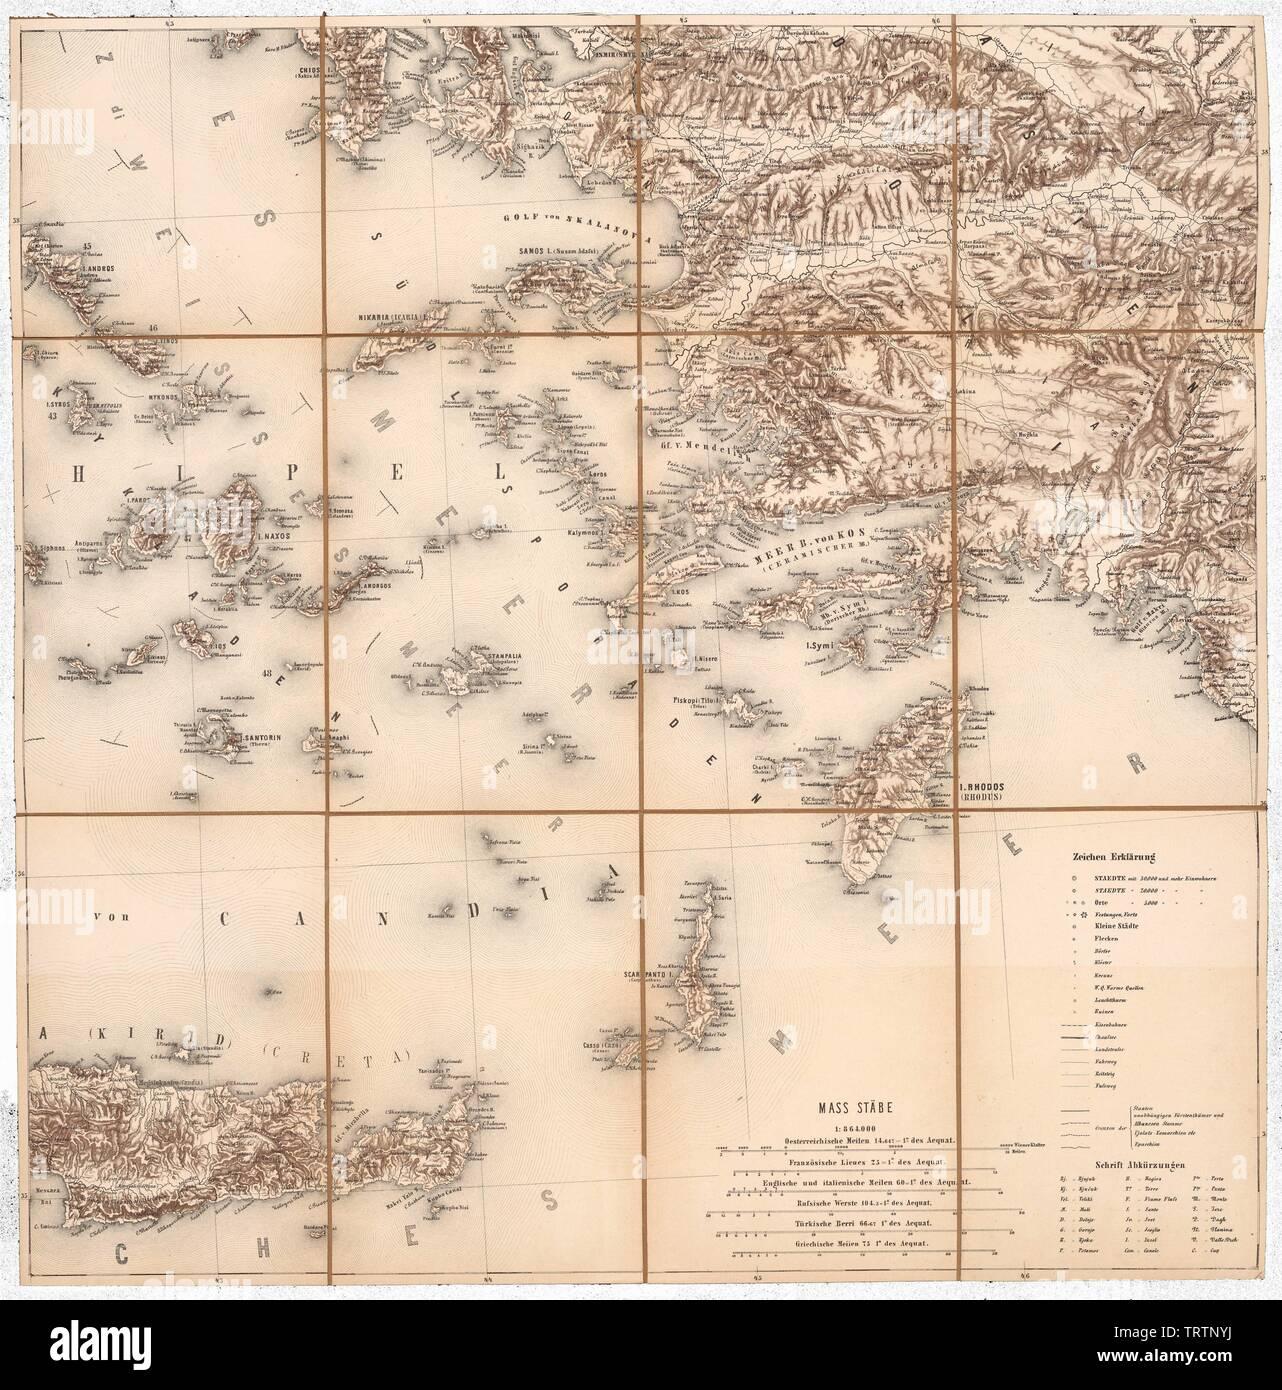 Dodekanes, östliches Kretas, südwestliche türkische Mittelmeerküste aus der Generalkarte der europäischen Türkei und Griechenlands; between Stock Photo